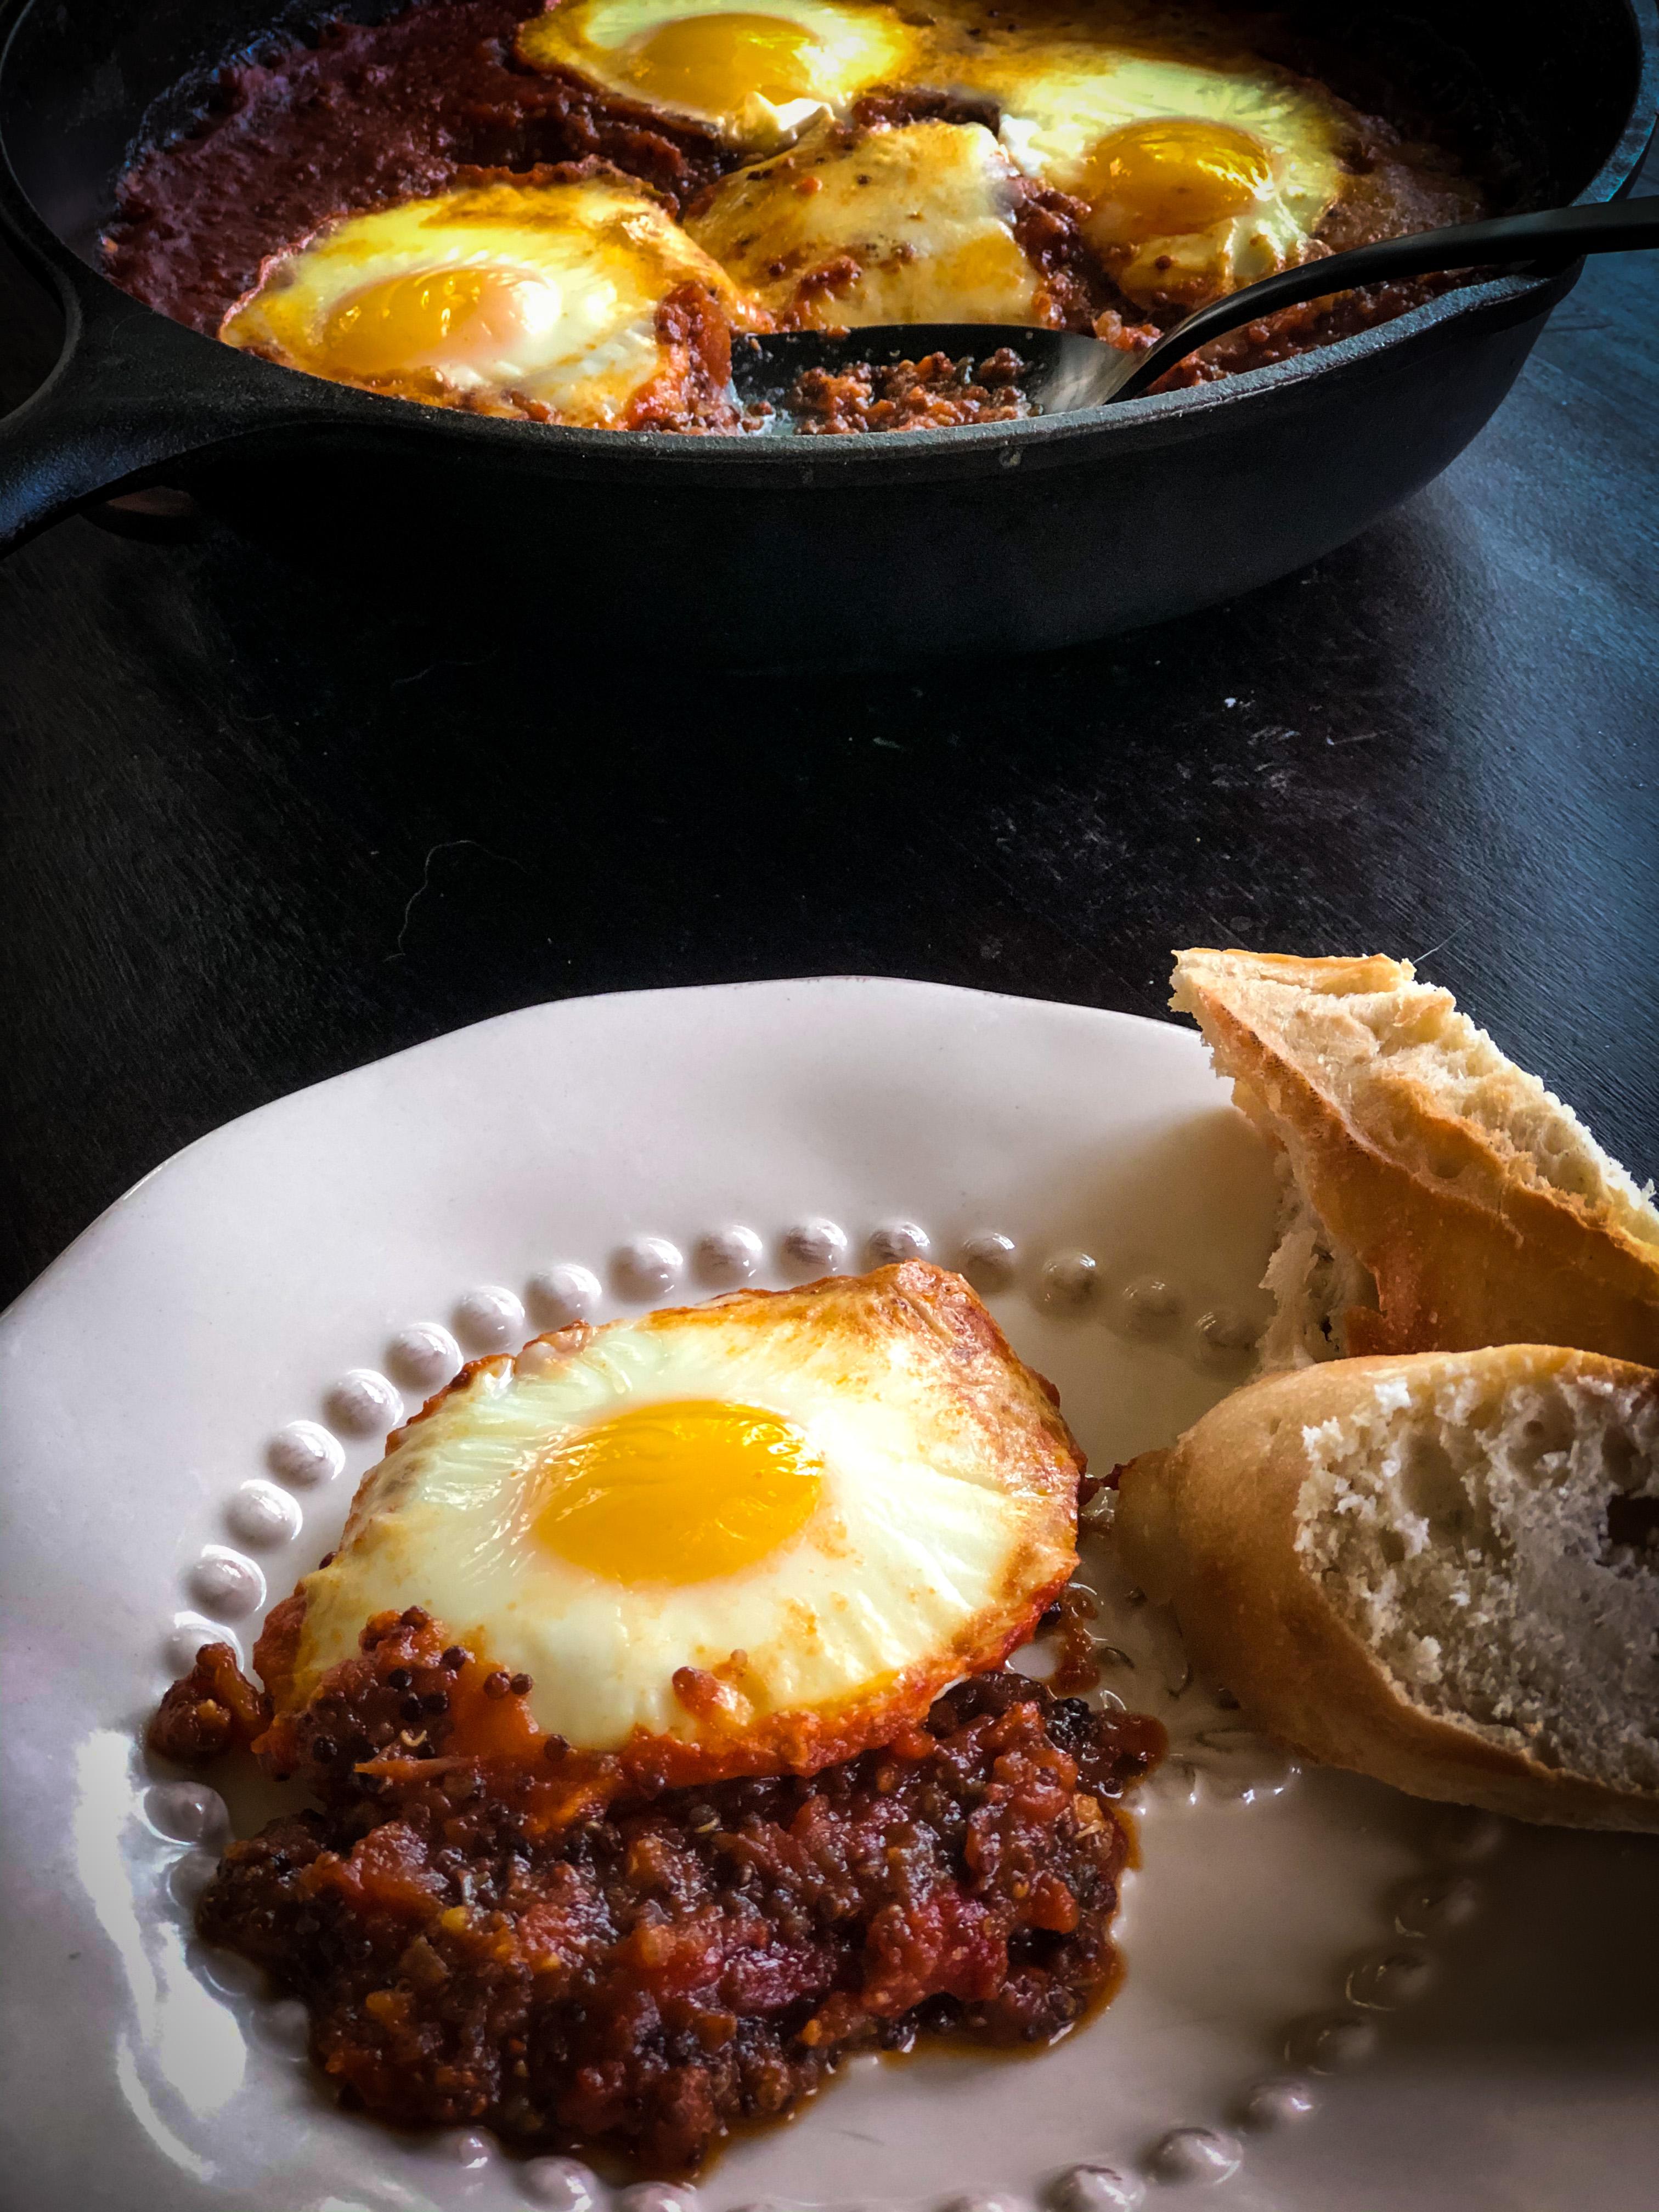 Ovos cozidos italianos - crianças de junk food 1